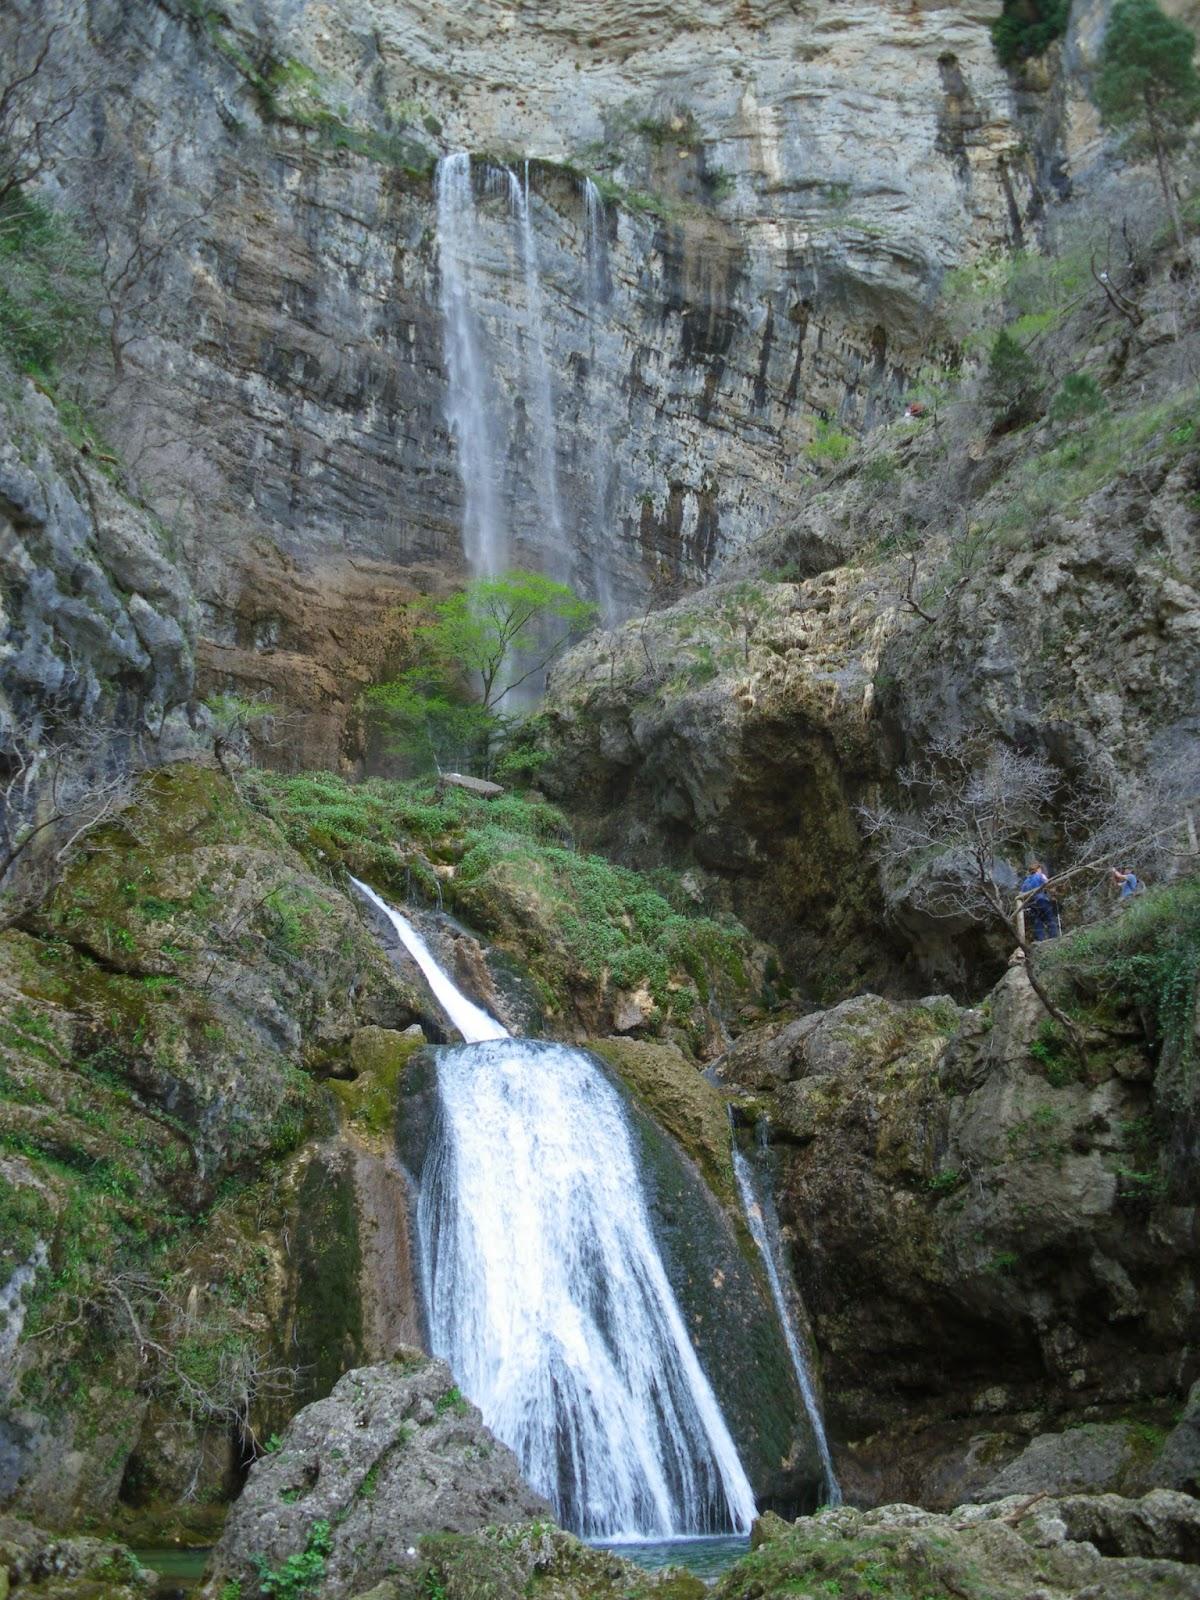 Sierra de Segura, Chorros del rio Mundo, Albacete, Castilla La Mancha, Amanece que no es poco, La Suiza Manchega